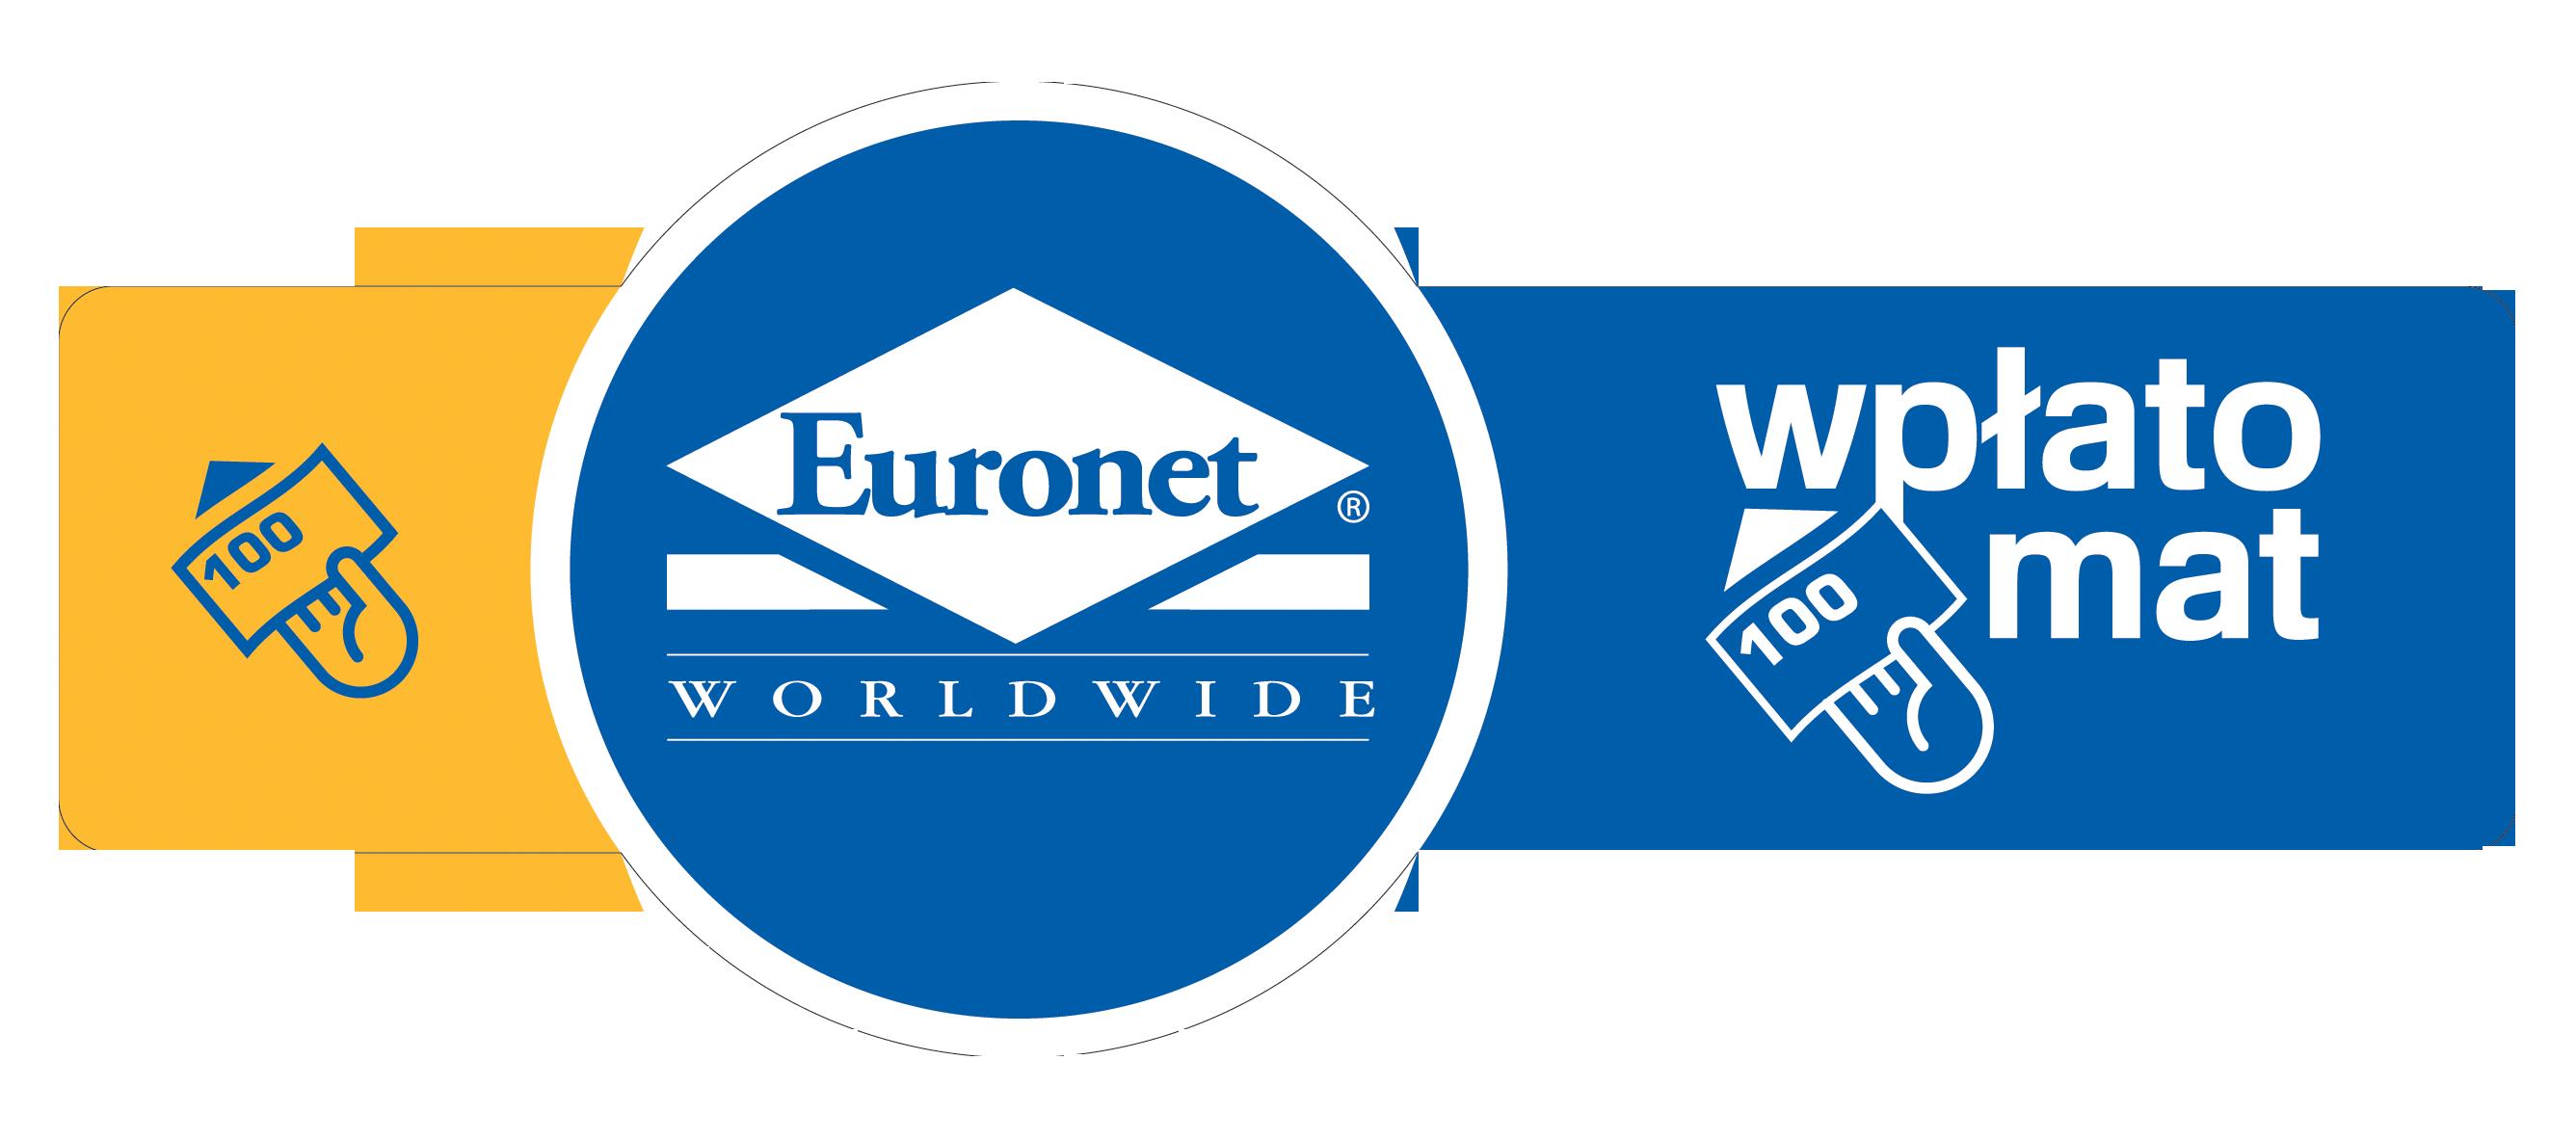 Вплатоматы Euronet